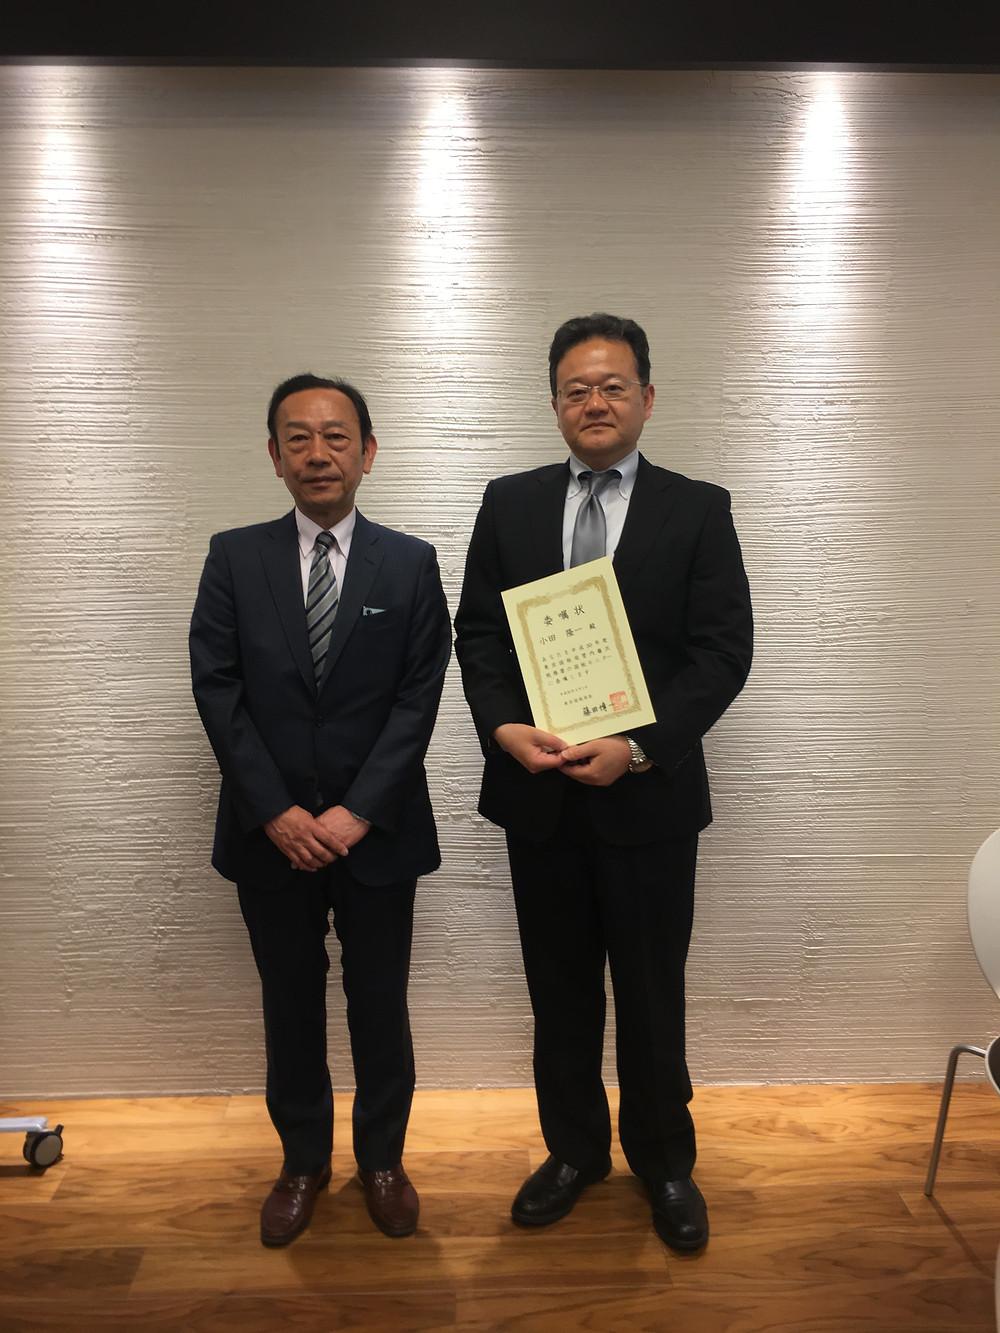 藤沢税務署長様国税モニター委嘱状交付式